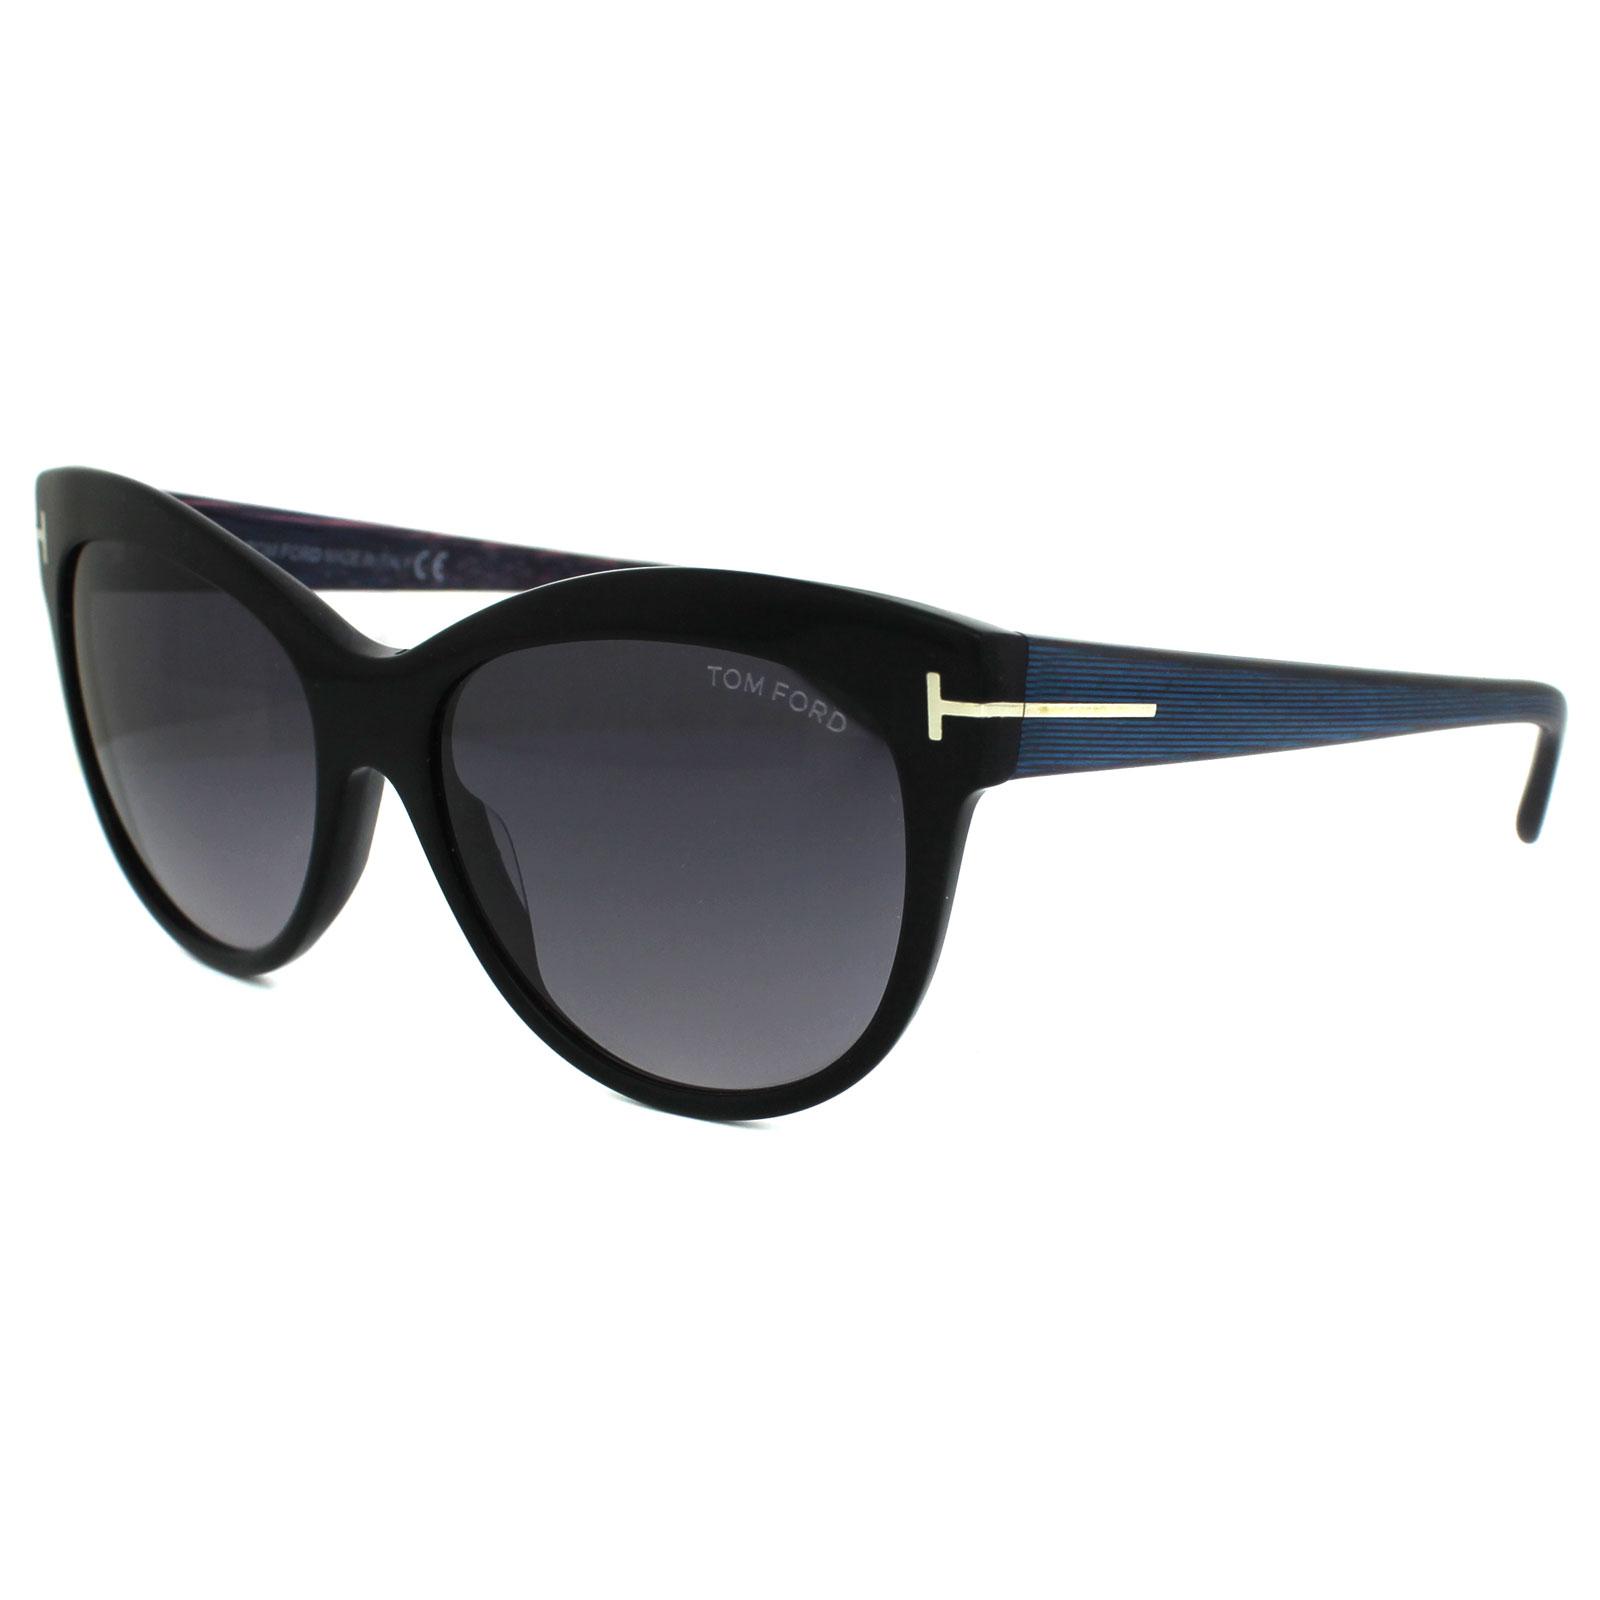 Tom Ford Damen Sonnenbrille »Lily FT0430«, schwarz, 05B - schwarz/grau